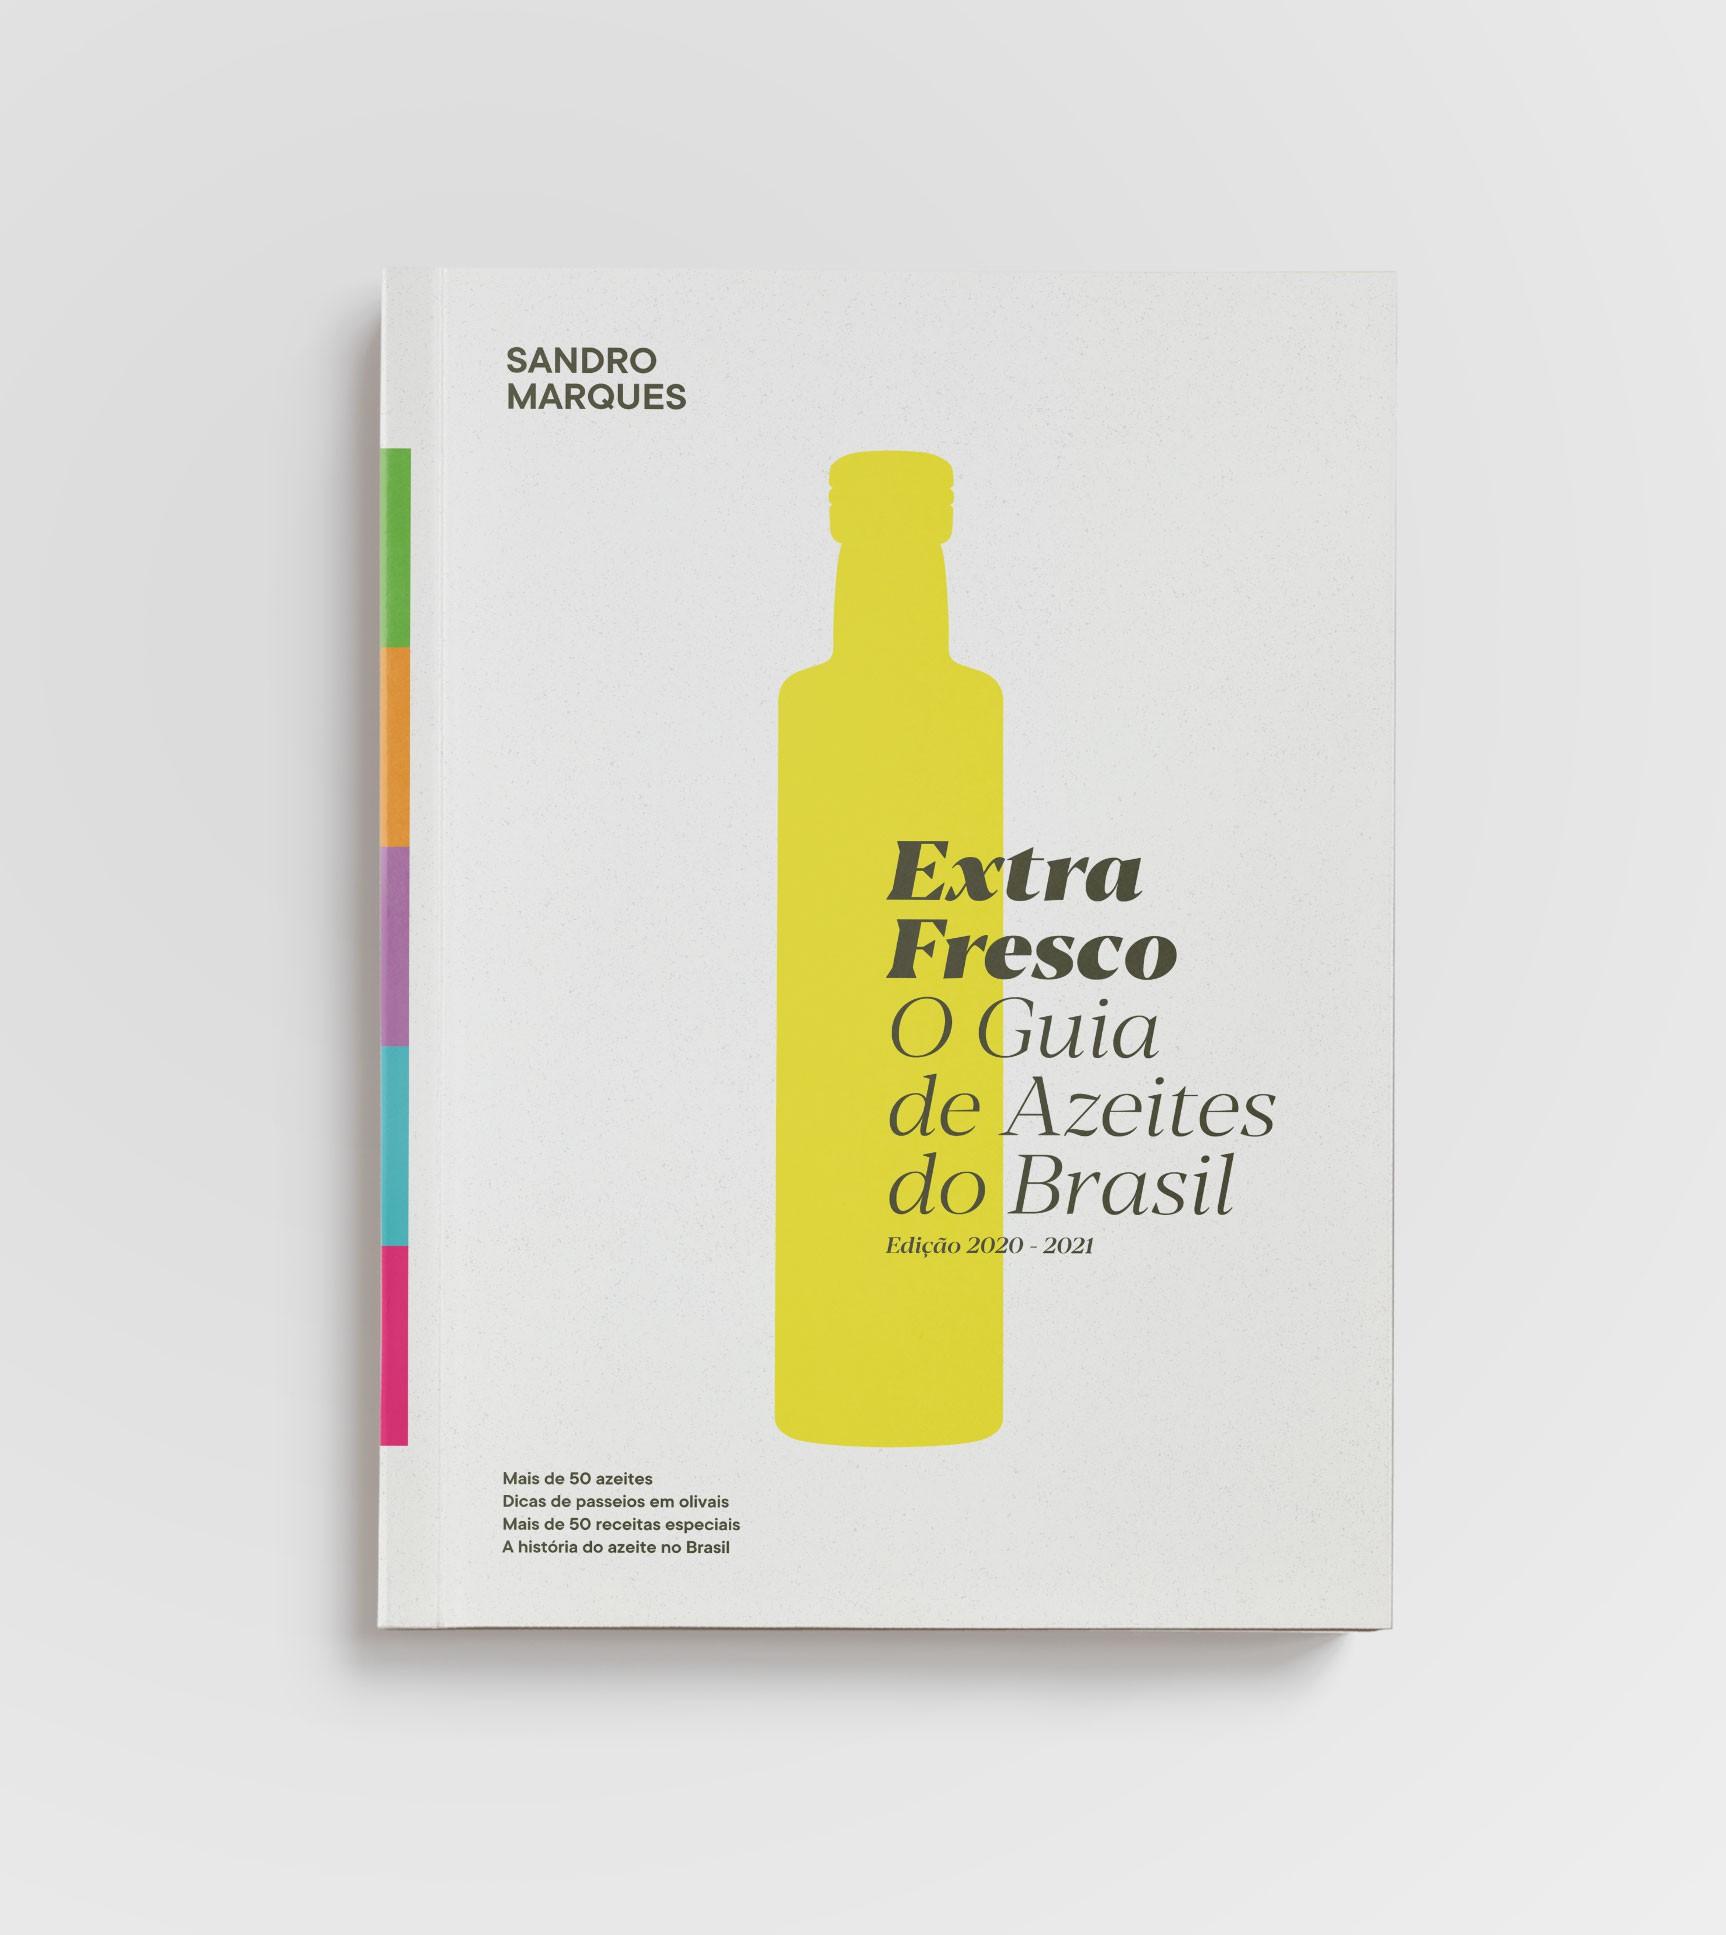 EXTRAFRESCO: O GUIA DE AZEITES DO BRASIL 2020-2021